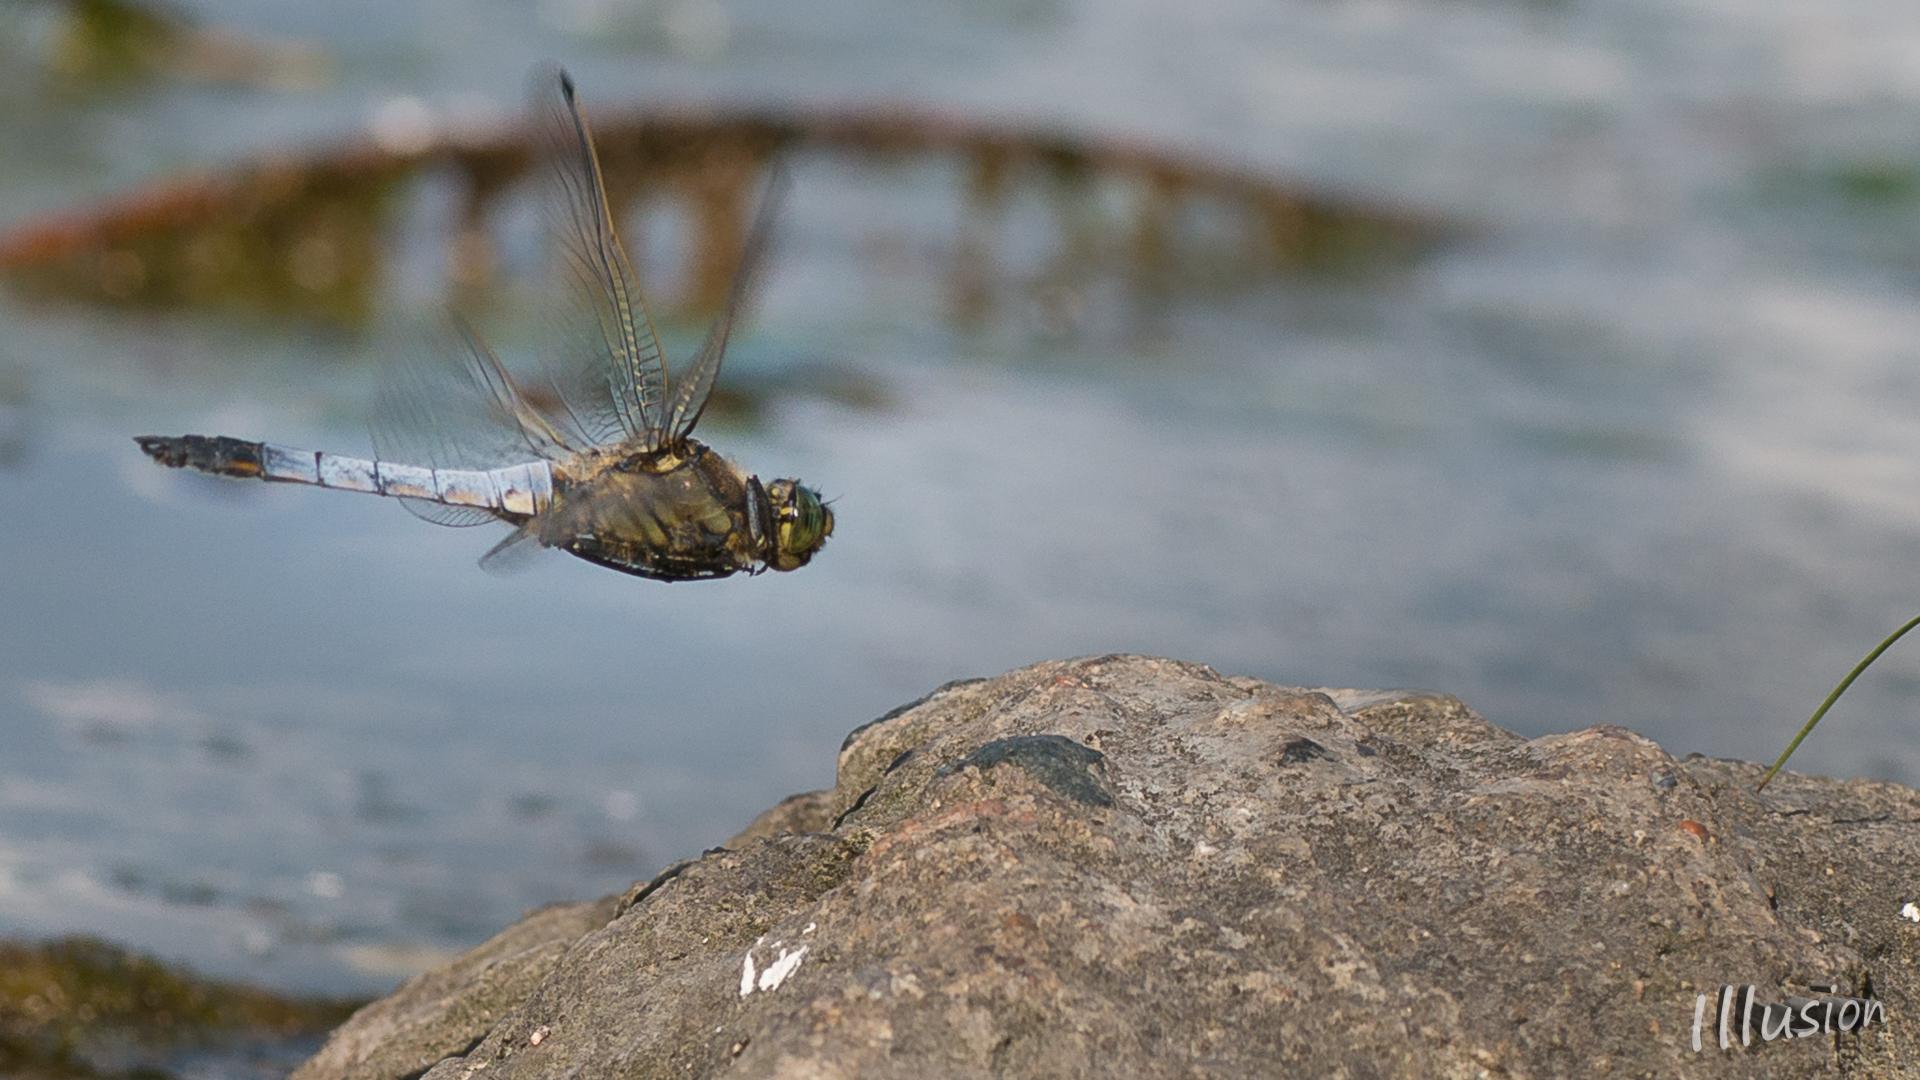 Libelle landet auf dem Stein